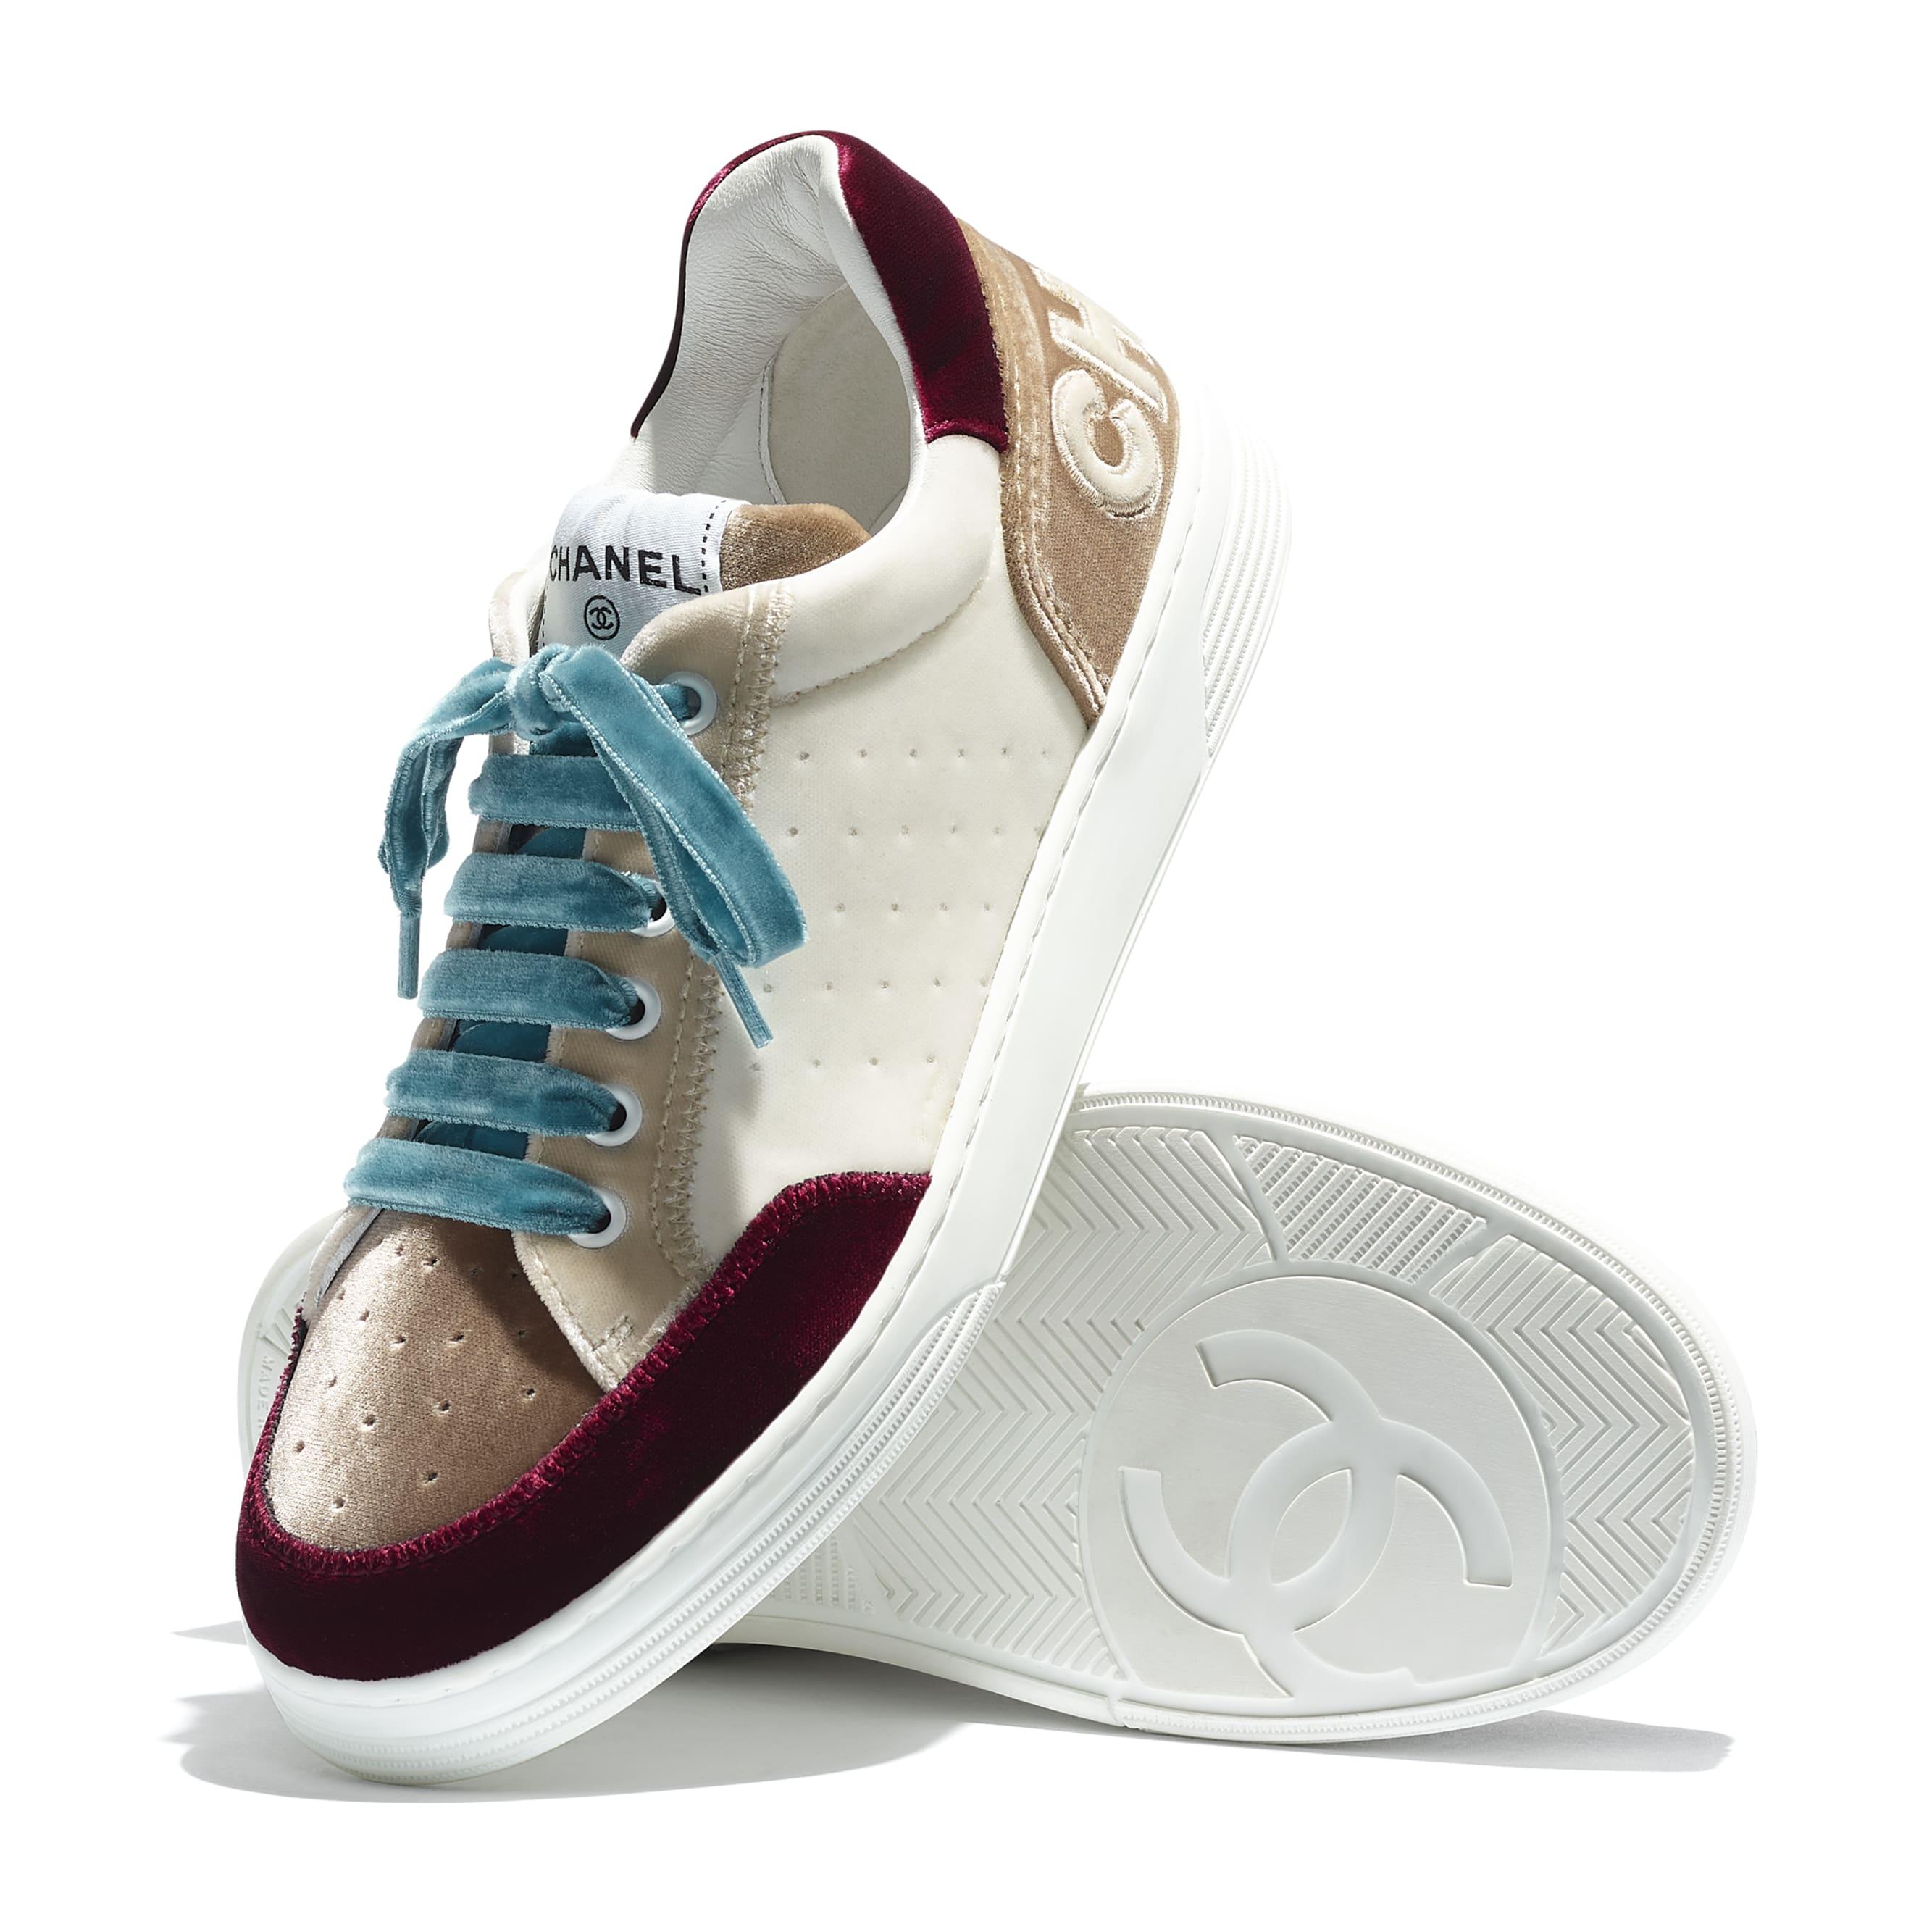 รองเท้ากีฬา - สีขาว สีเบจ และสีแดงเบอร์กันดี้ - ผ้ากำมะหยี่ - CHANEL - มุมมองพิเศษ - ดูเวอร์ชันขนาดมาตรฐาน